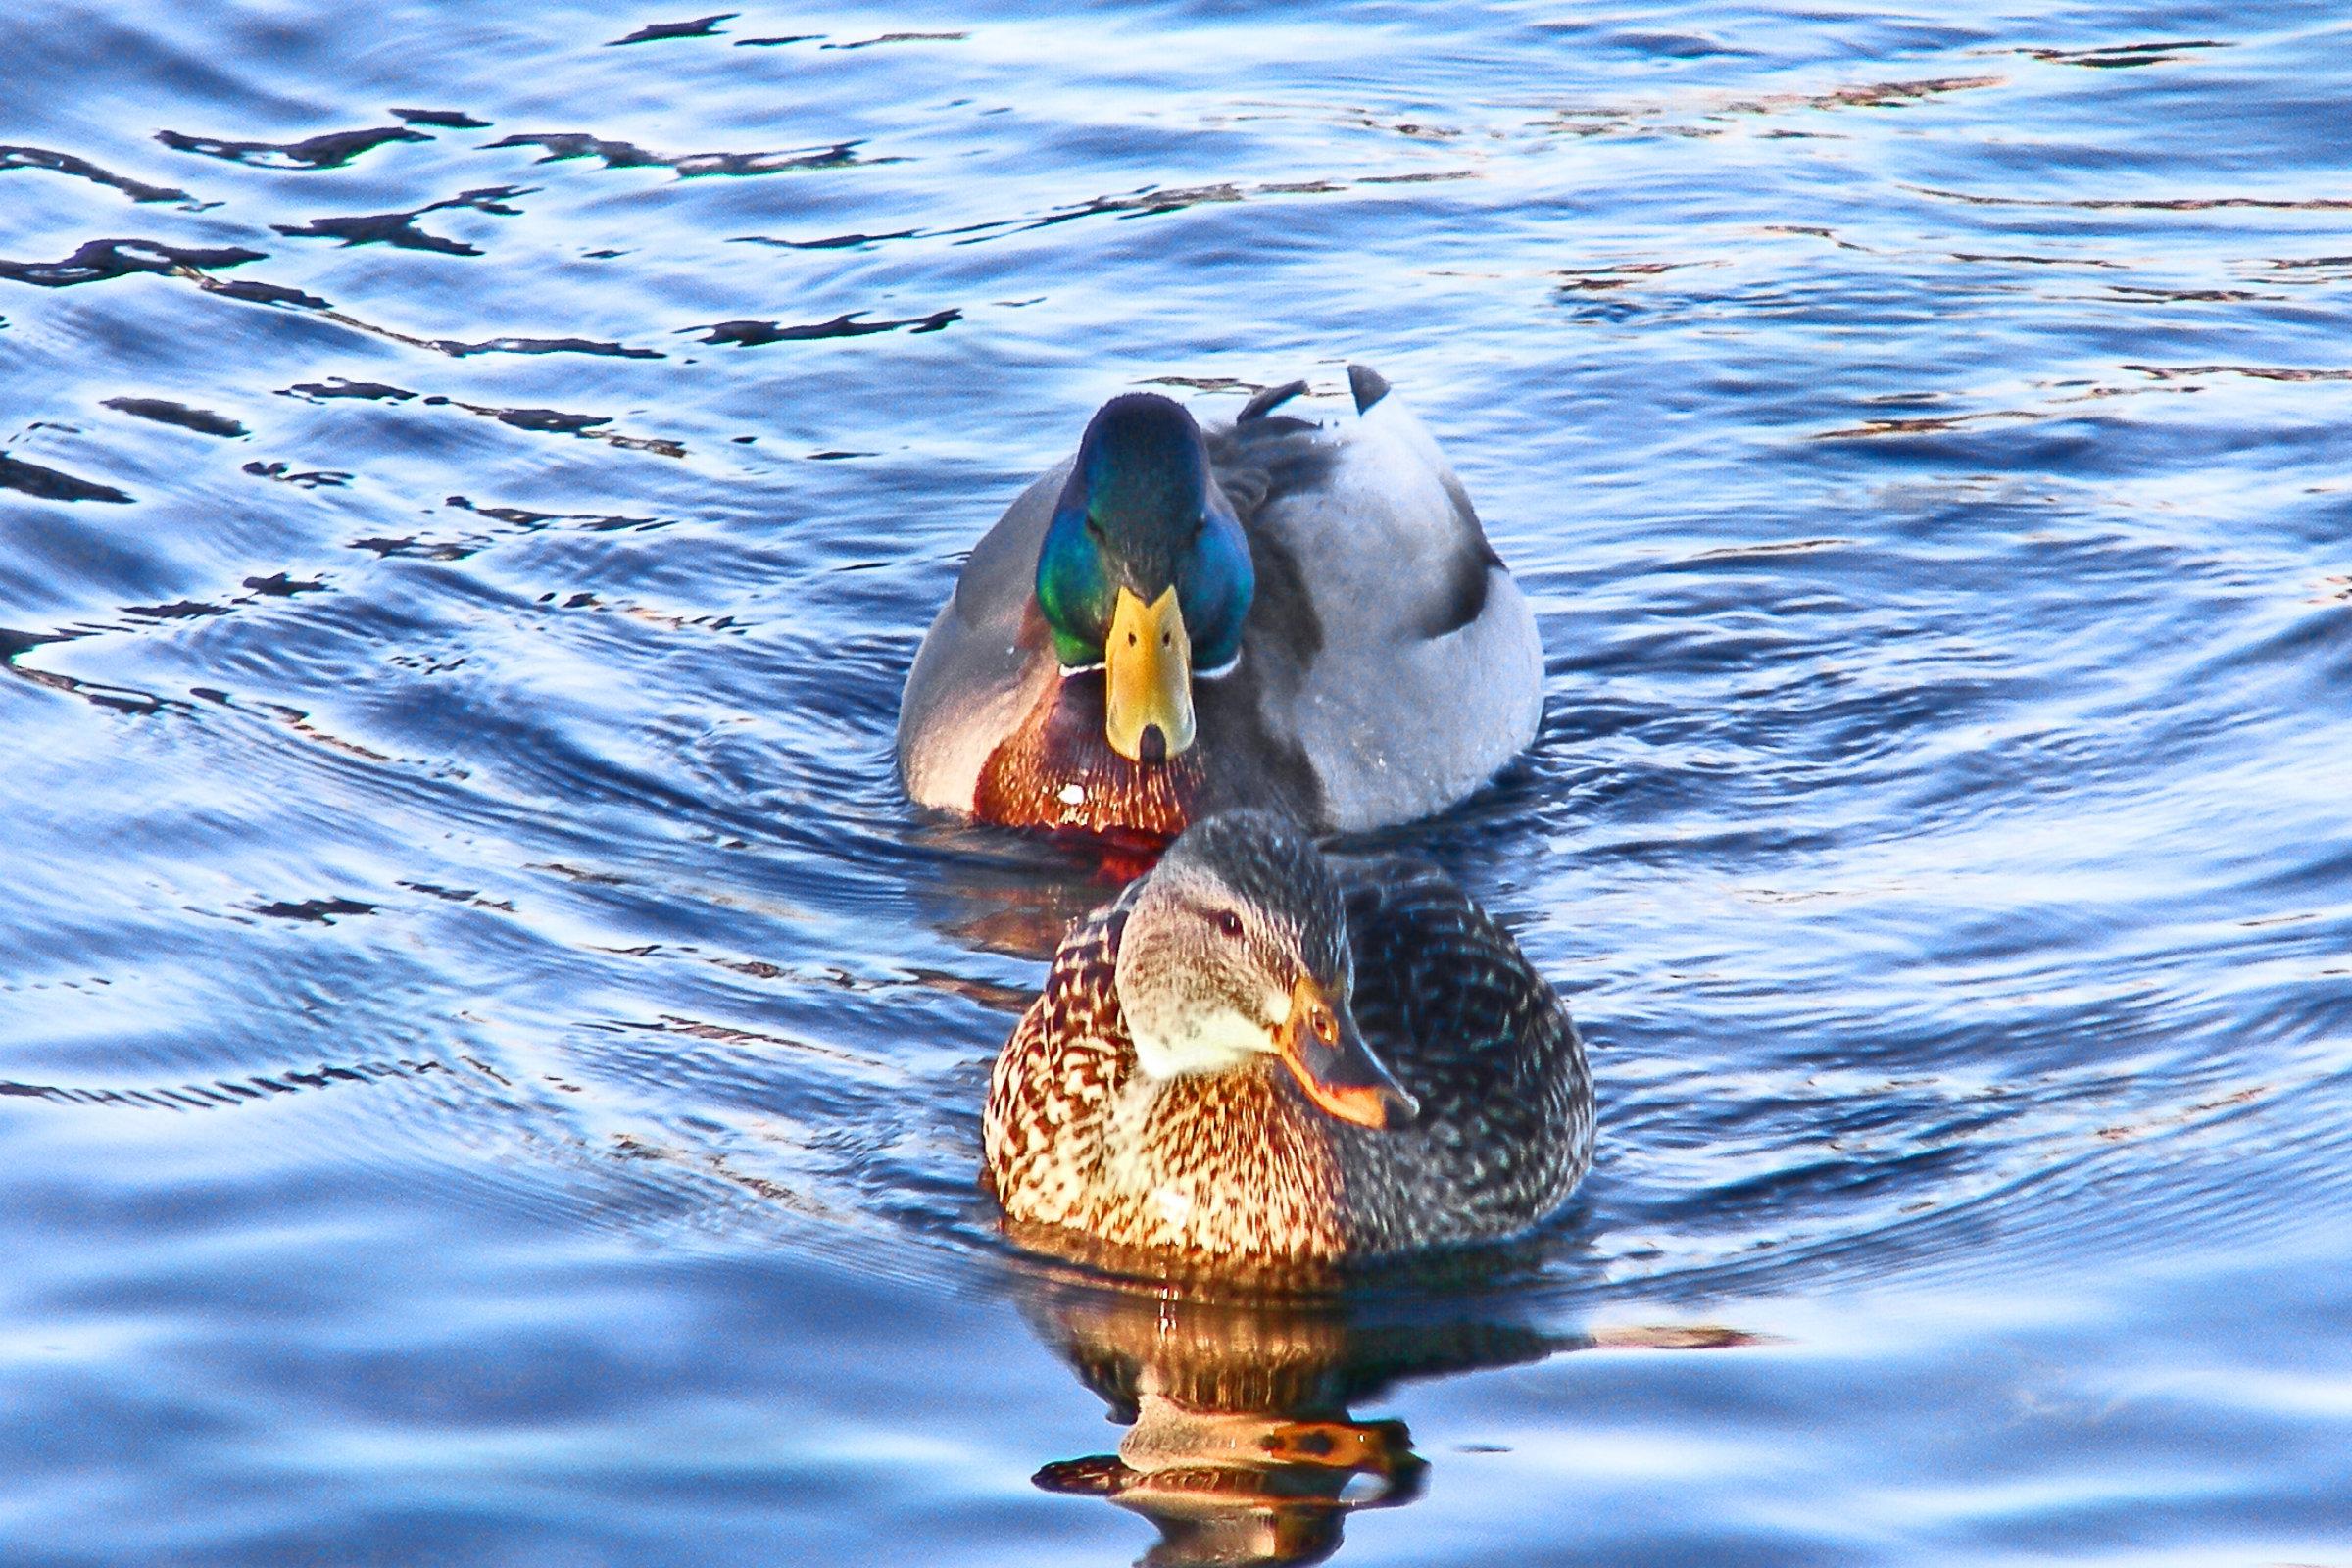 Swim together